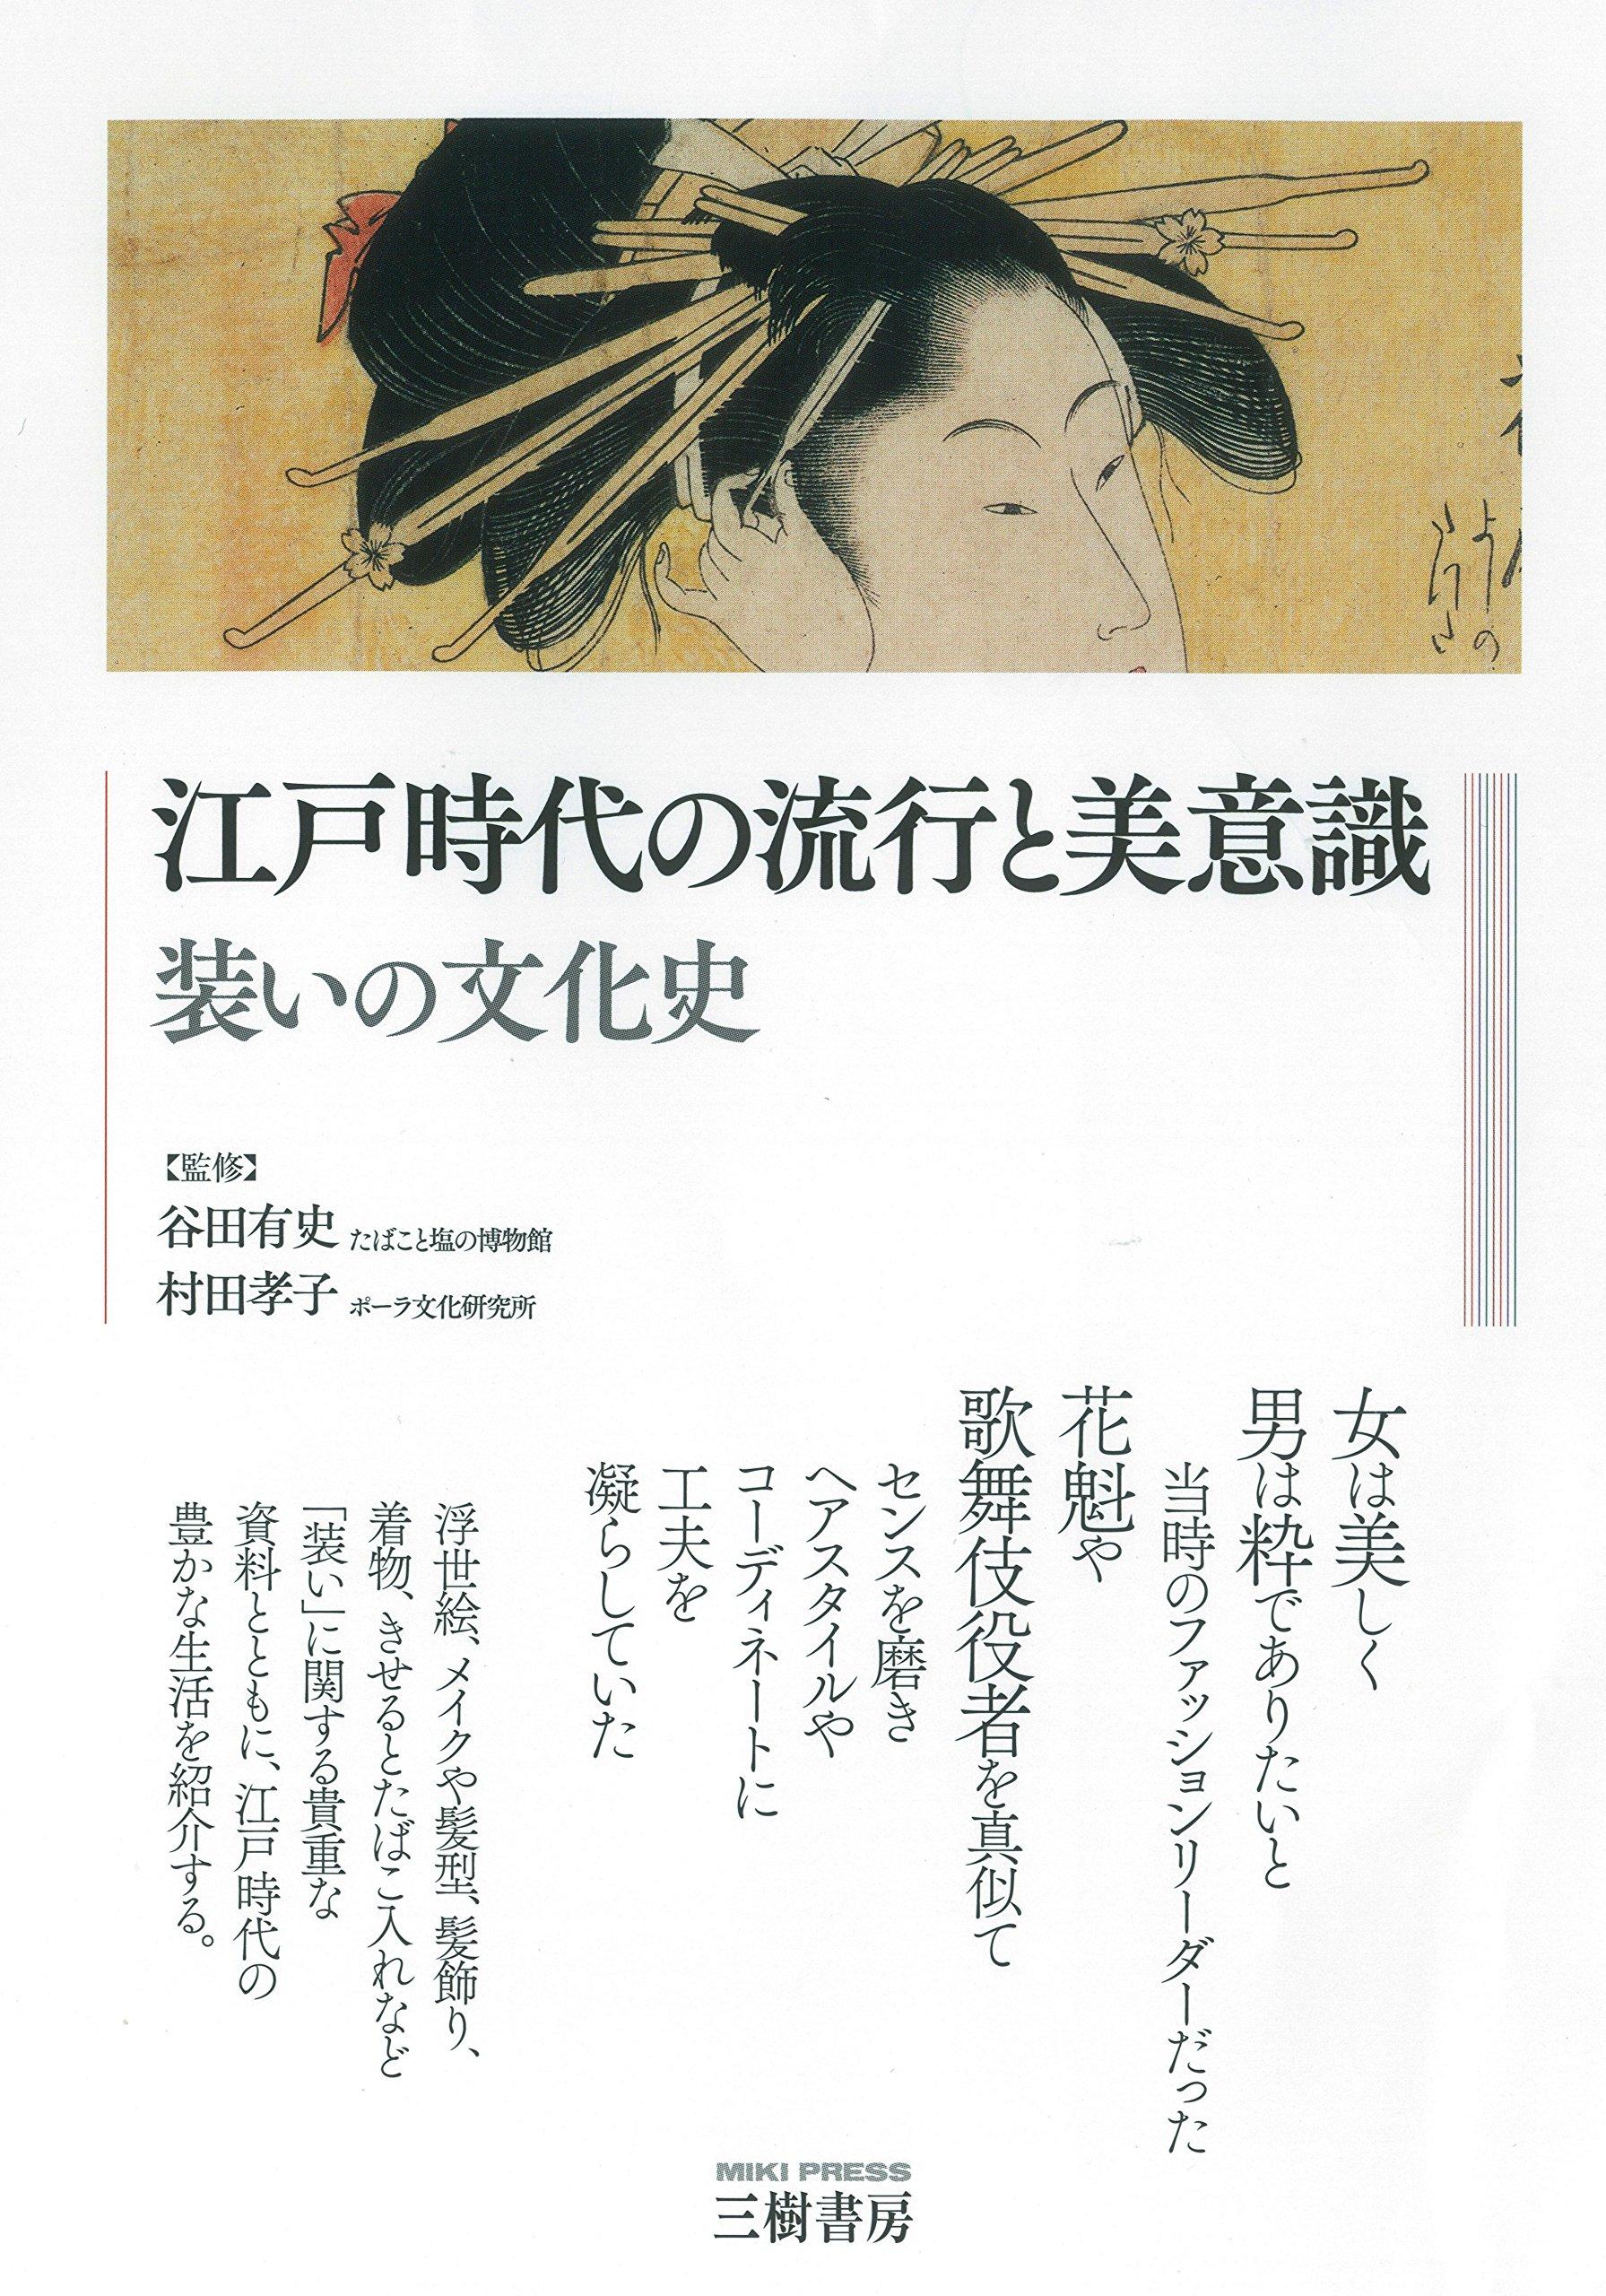 語 は 江戸 時代 流行 の